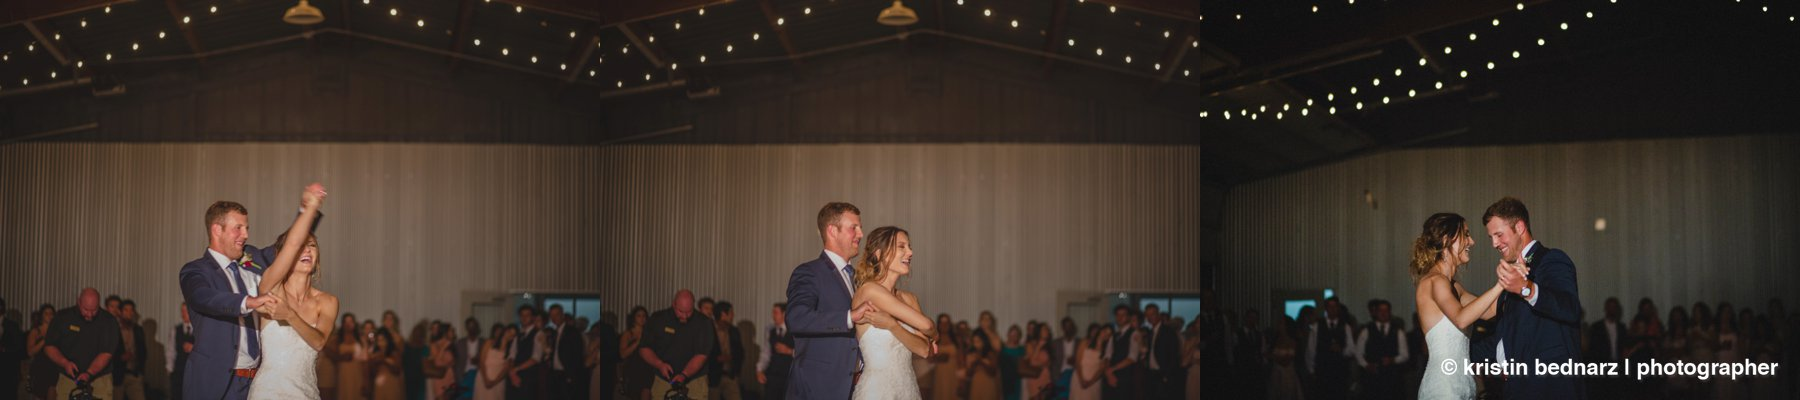 Krisitin_Bednarz_Lubbock_Wedding_Photographer_20180602_0096.JPG